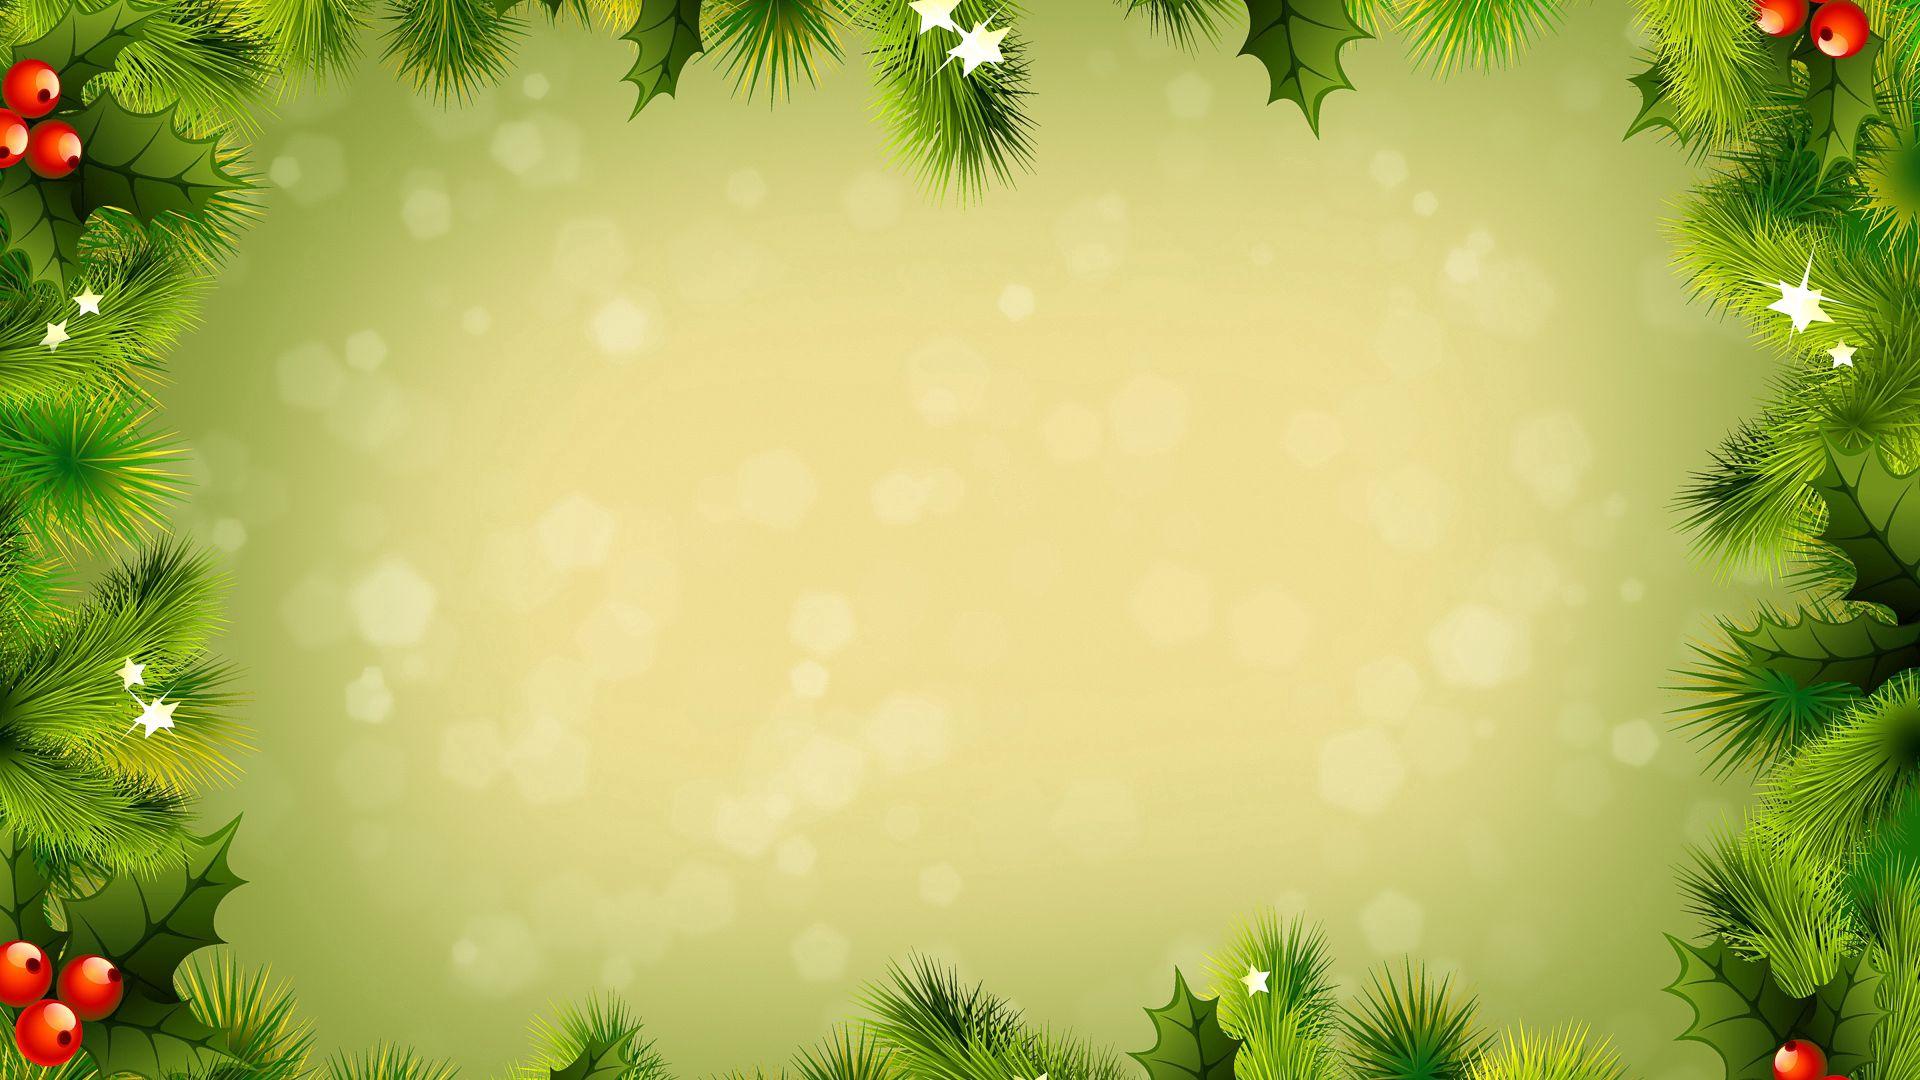 116969 Salvapantallas y fondos de pantalla Año Nuevo en tu teléfono. Descarga imágenes de Vacaciones, Fondo, Año Nuevo, Sucursales, Ramas gratis